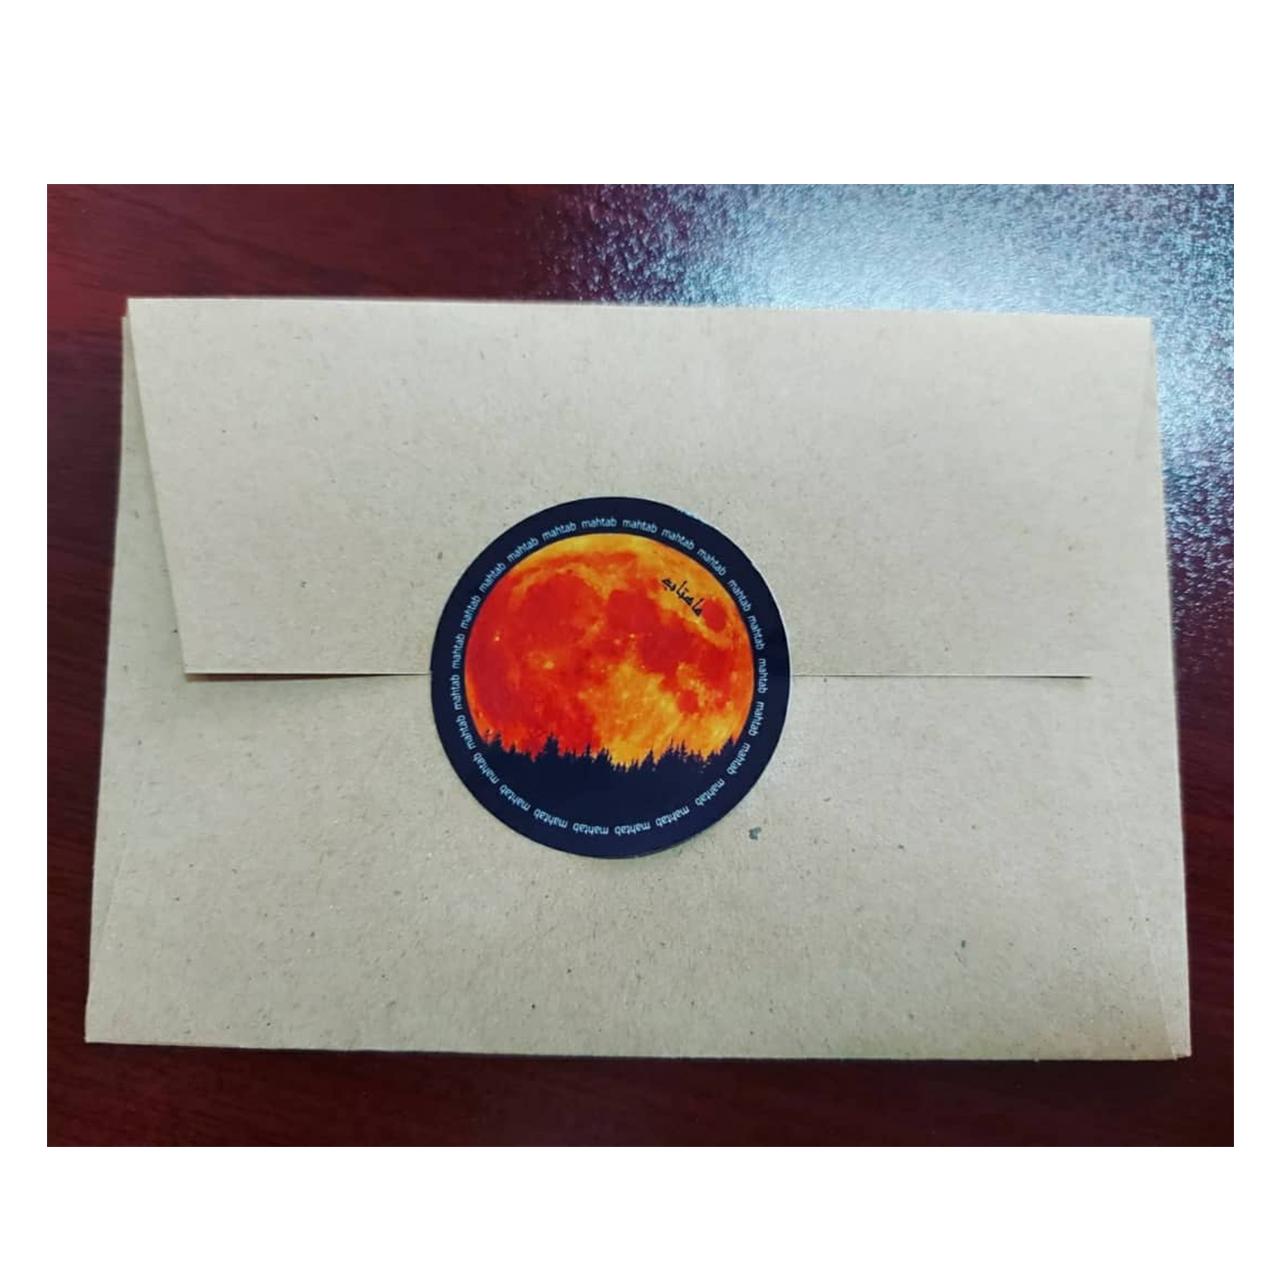 کارت پستال ماهتاب طرح تو مهمترین اتفاق زندگیمی کد 1908